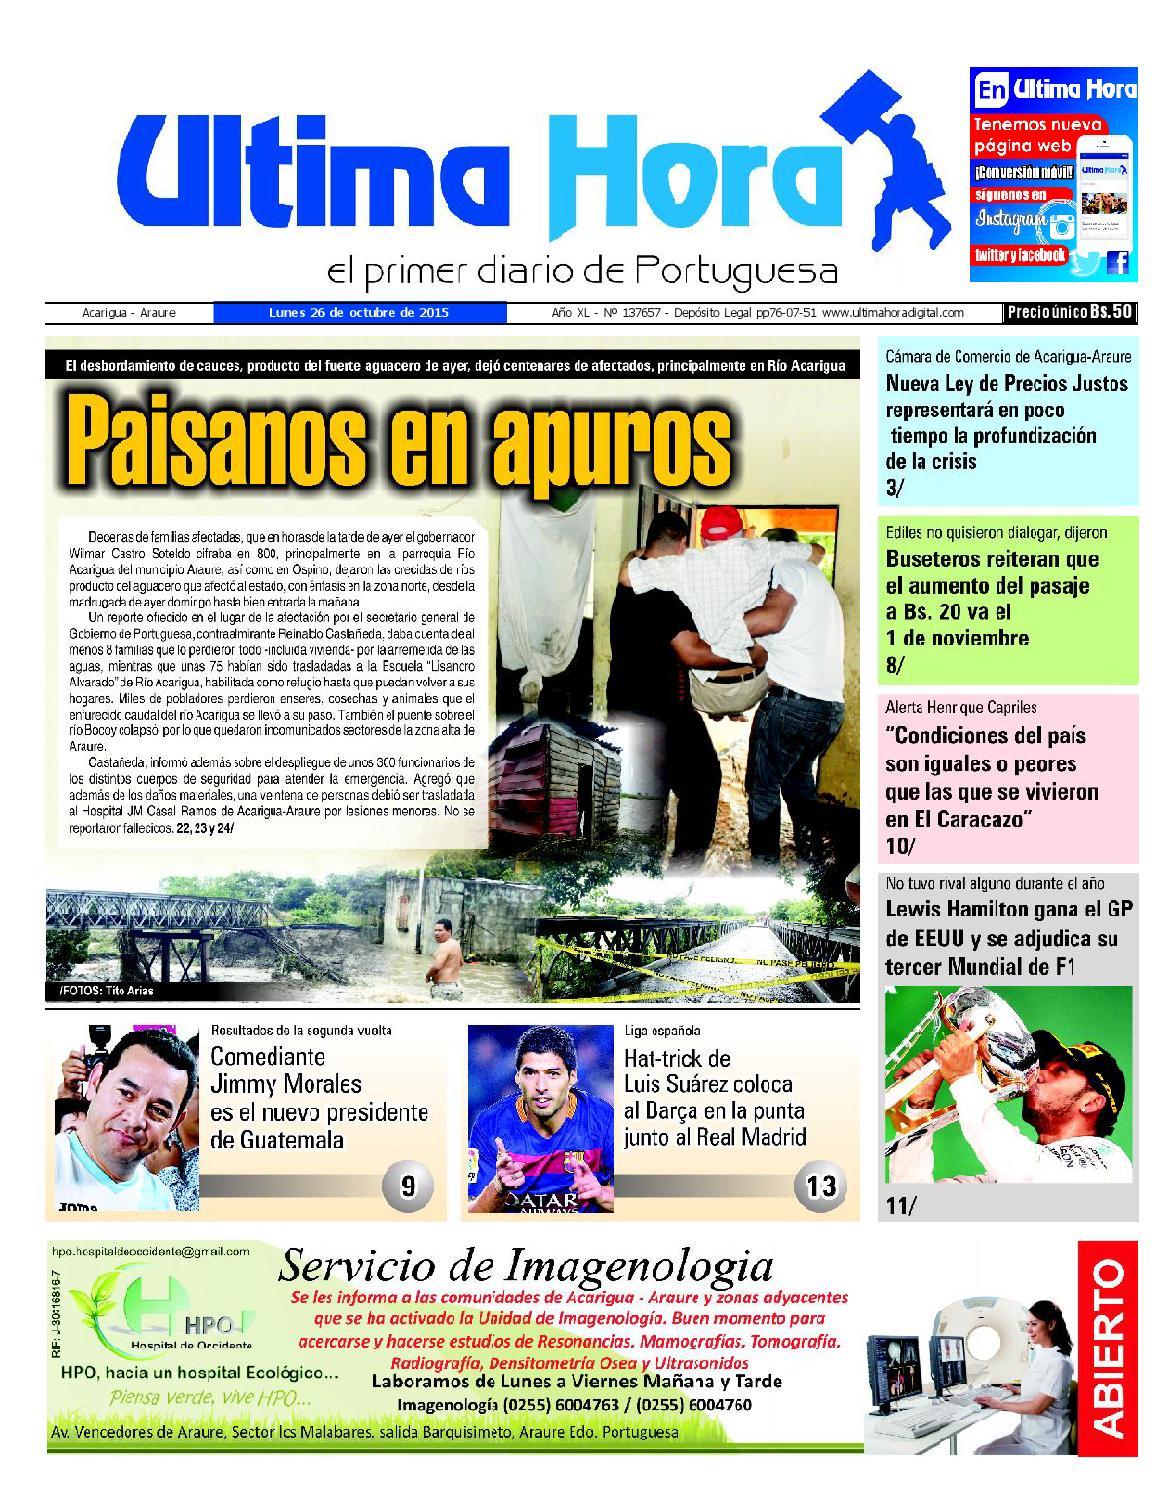 Edicion26 10 2015 By Ultima Hora El Primer Diario De Portuguesa  # Muebles Castro Tovar Toral Vados